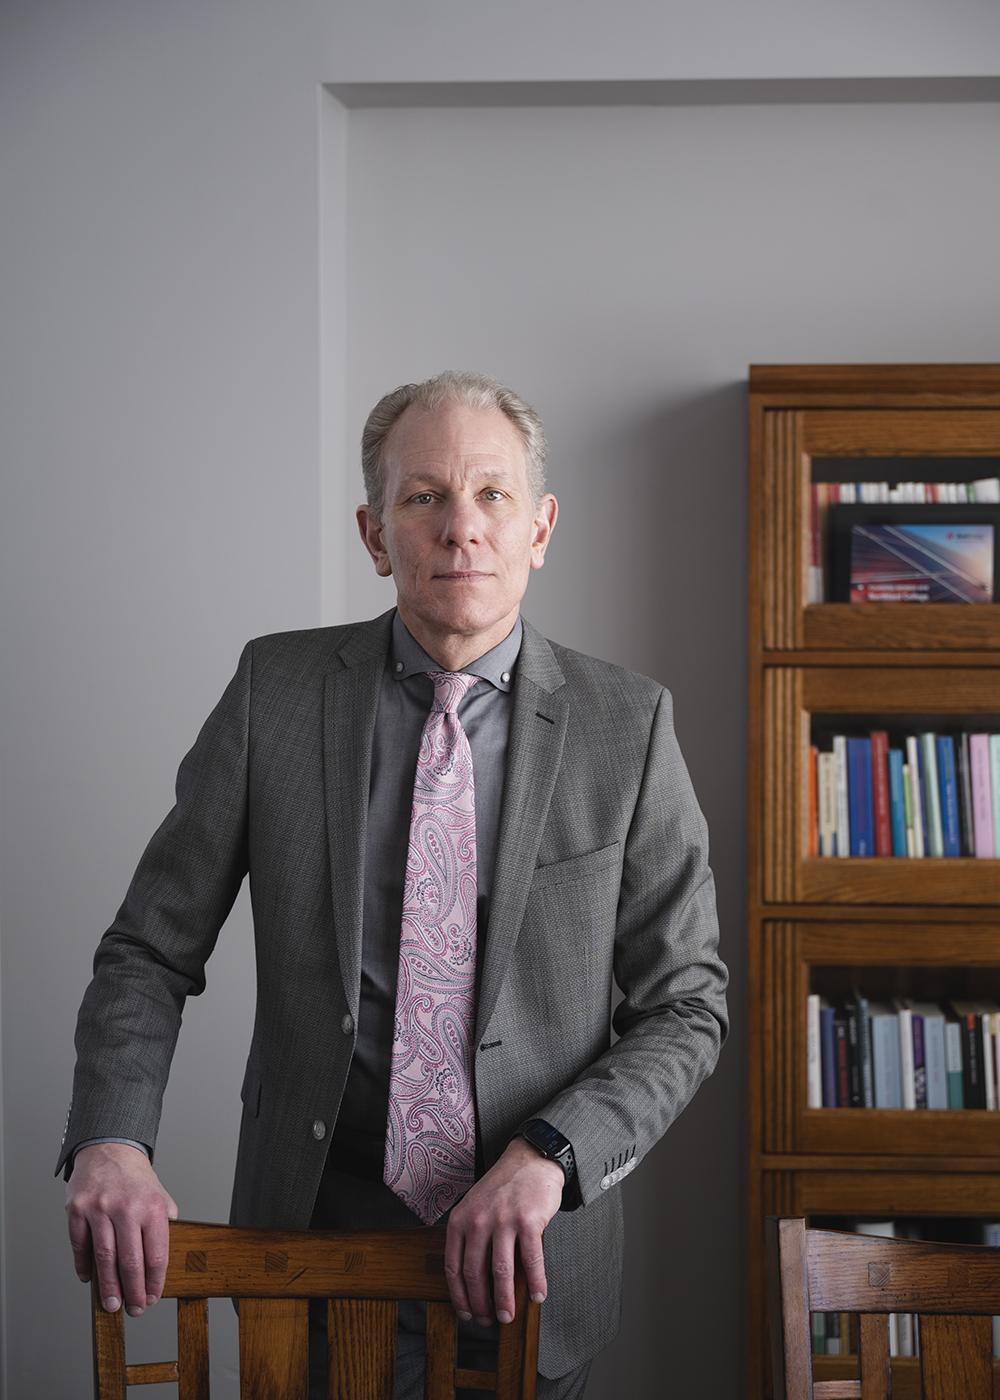 Northland College President Karl Solibakke